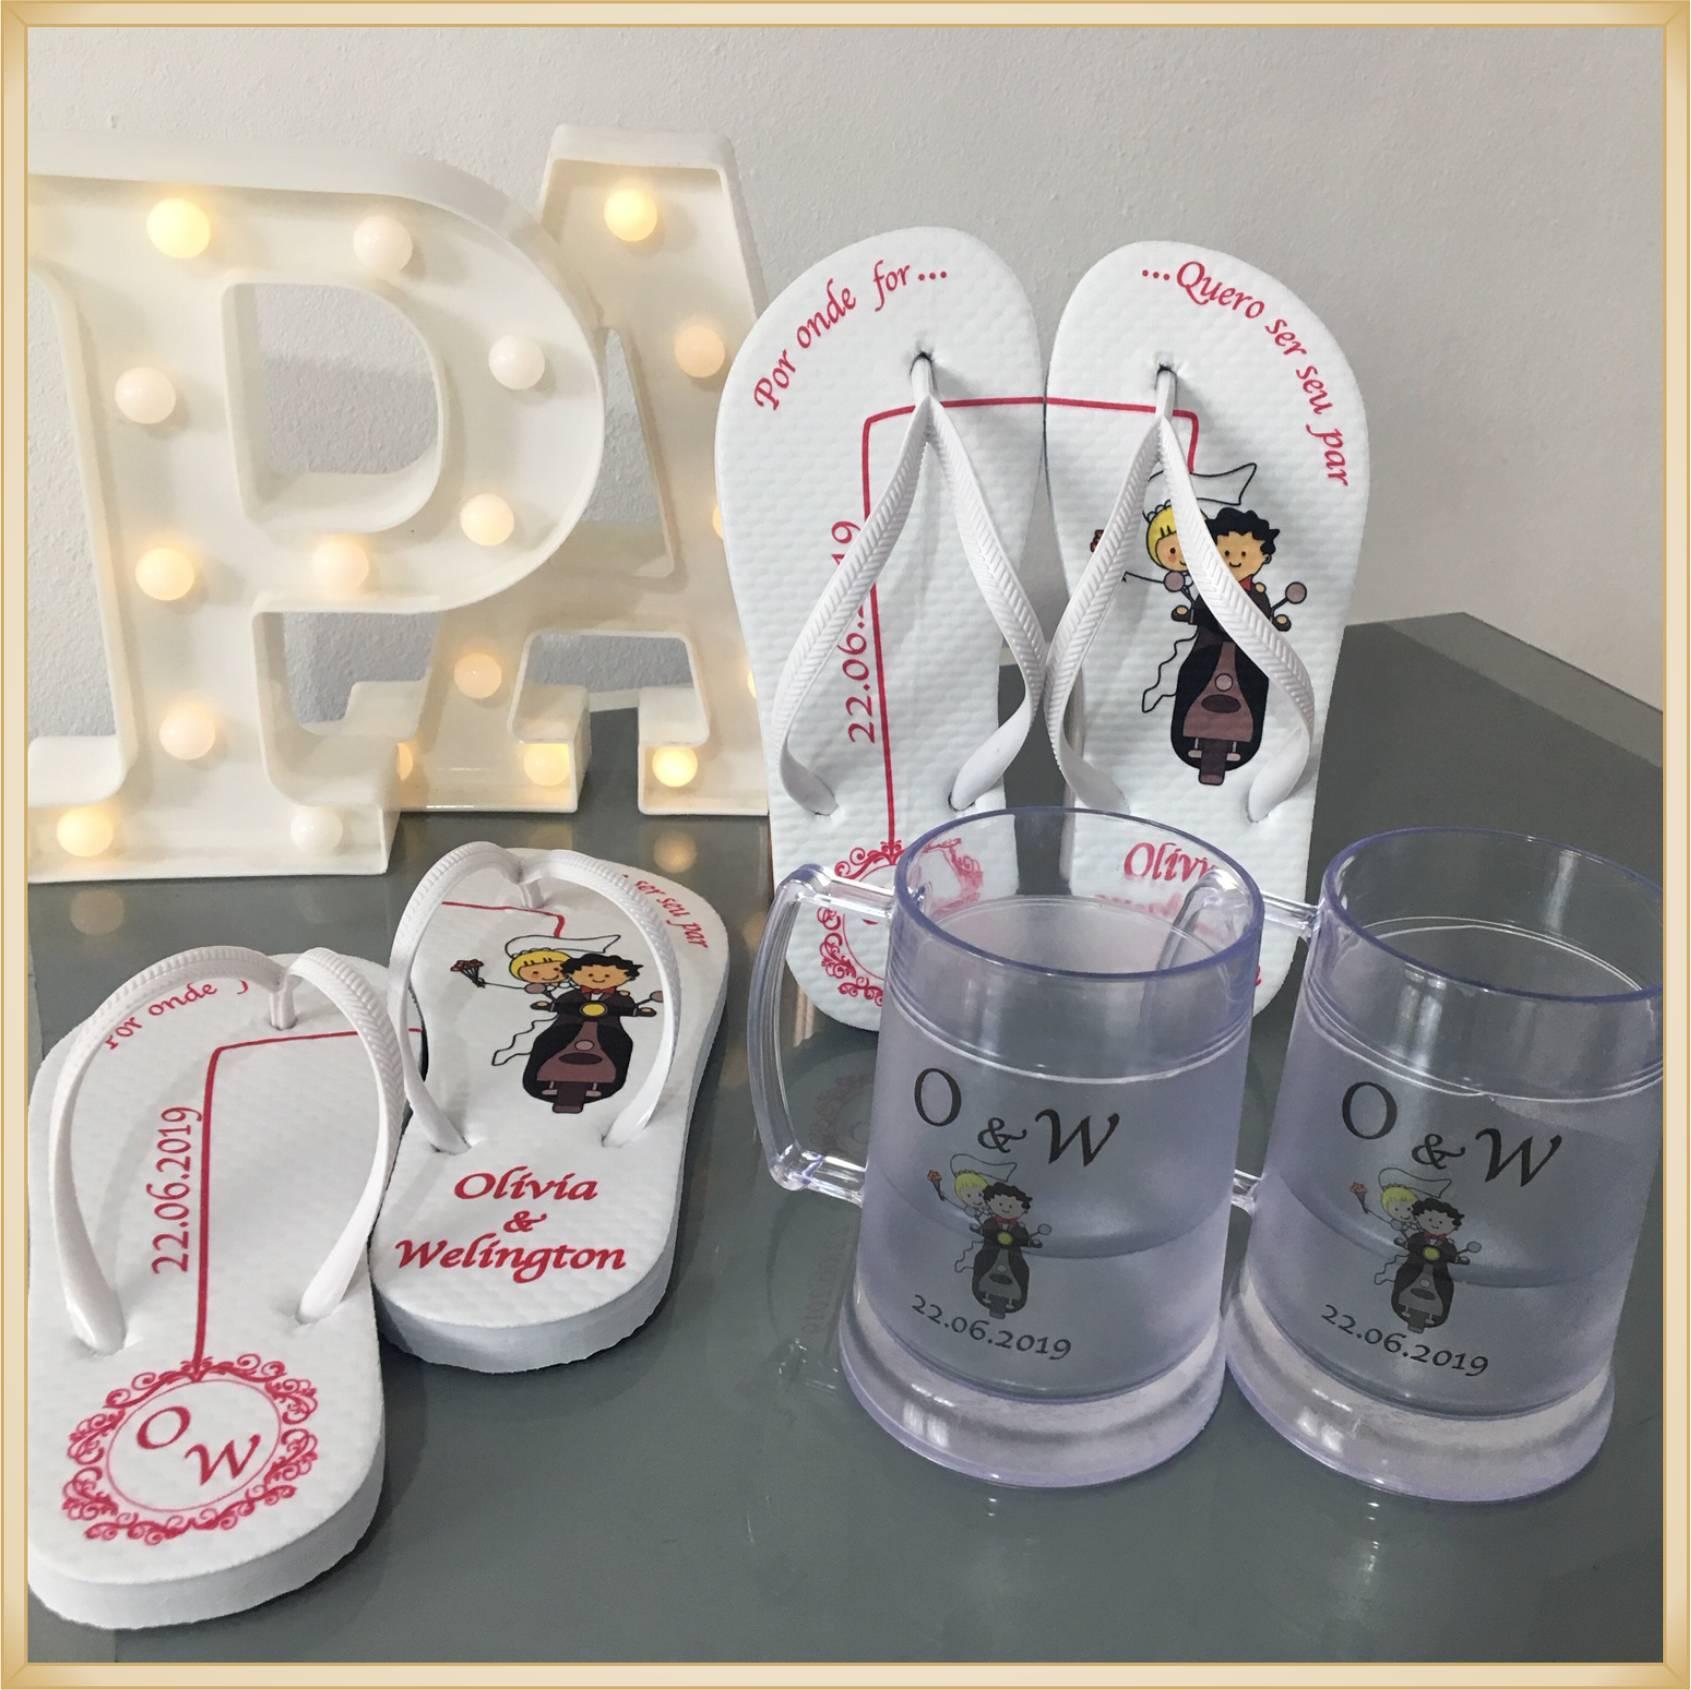 Kit personalizado casamento padrinhos Chinelos + canecas de gel -  5 unidades de cada